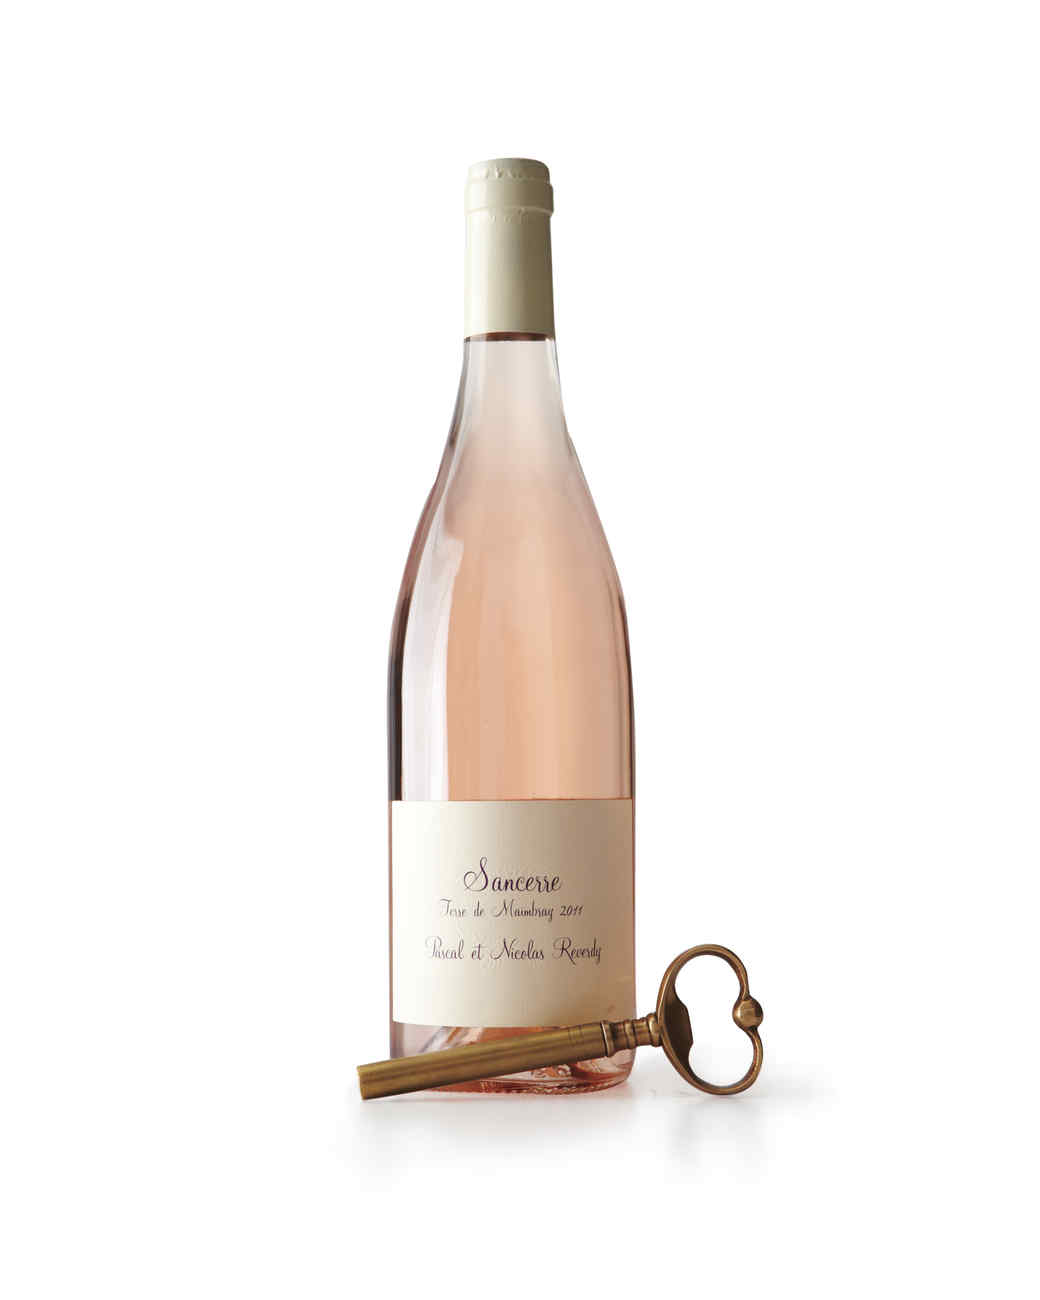 wine-cork-screw-mld108797.jpg